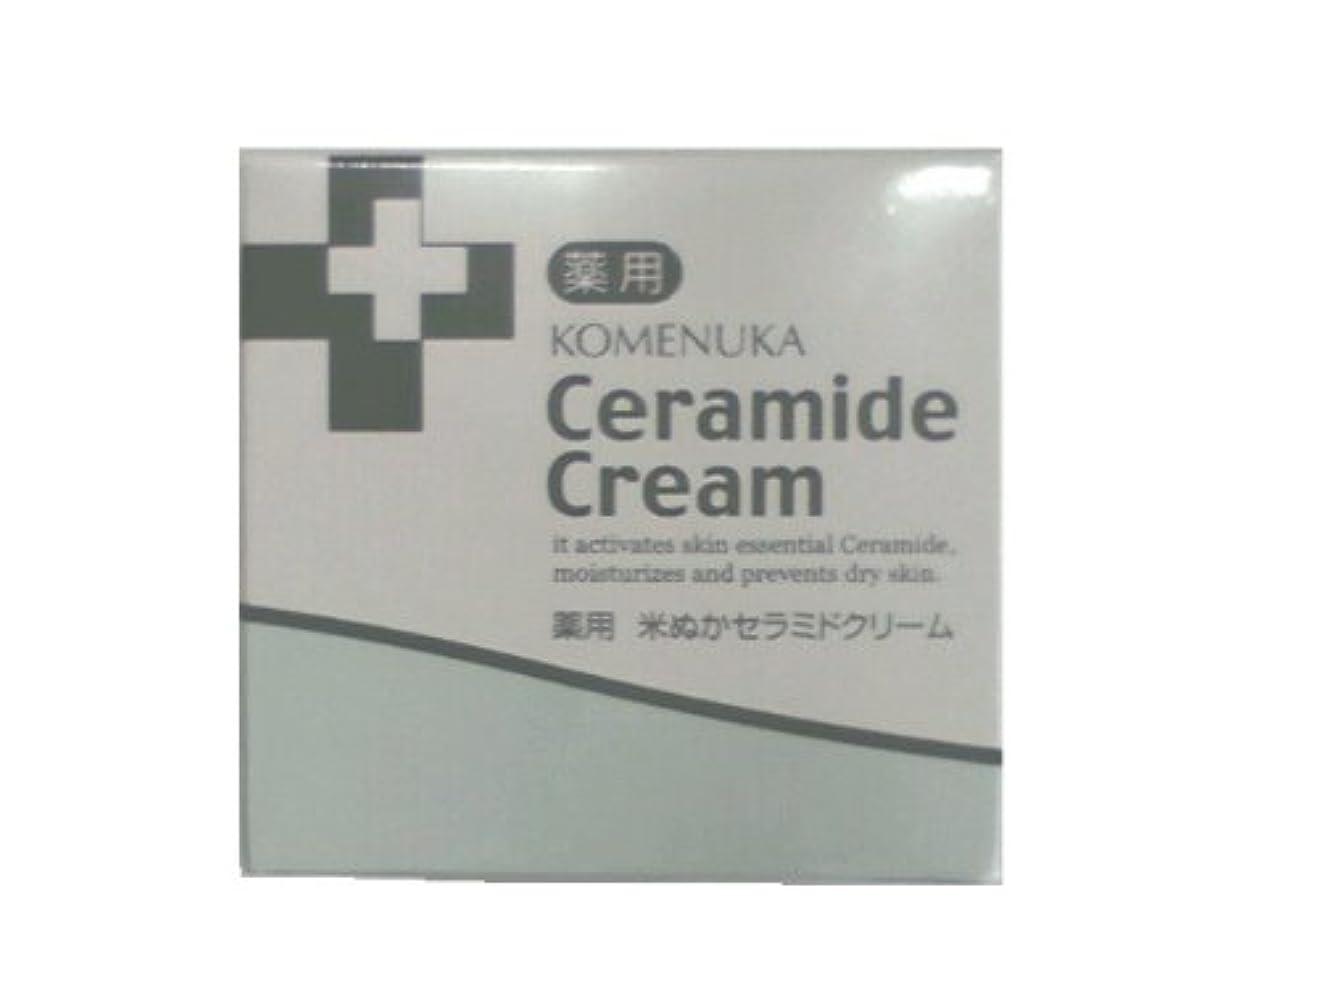 穴同意する見るリアル 薬用 米ぬかセラミドクリーム58g